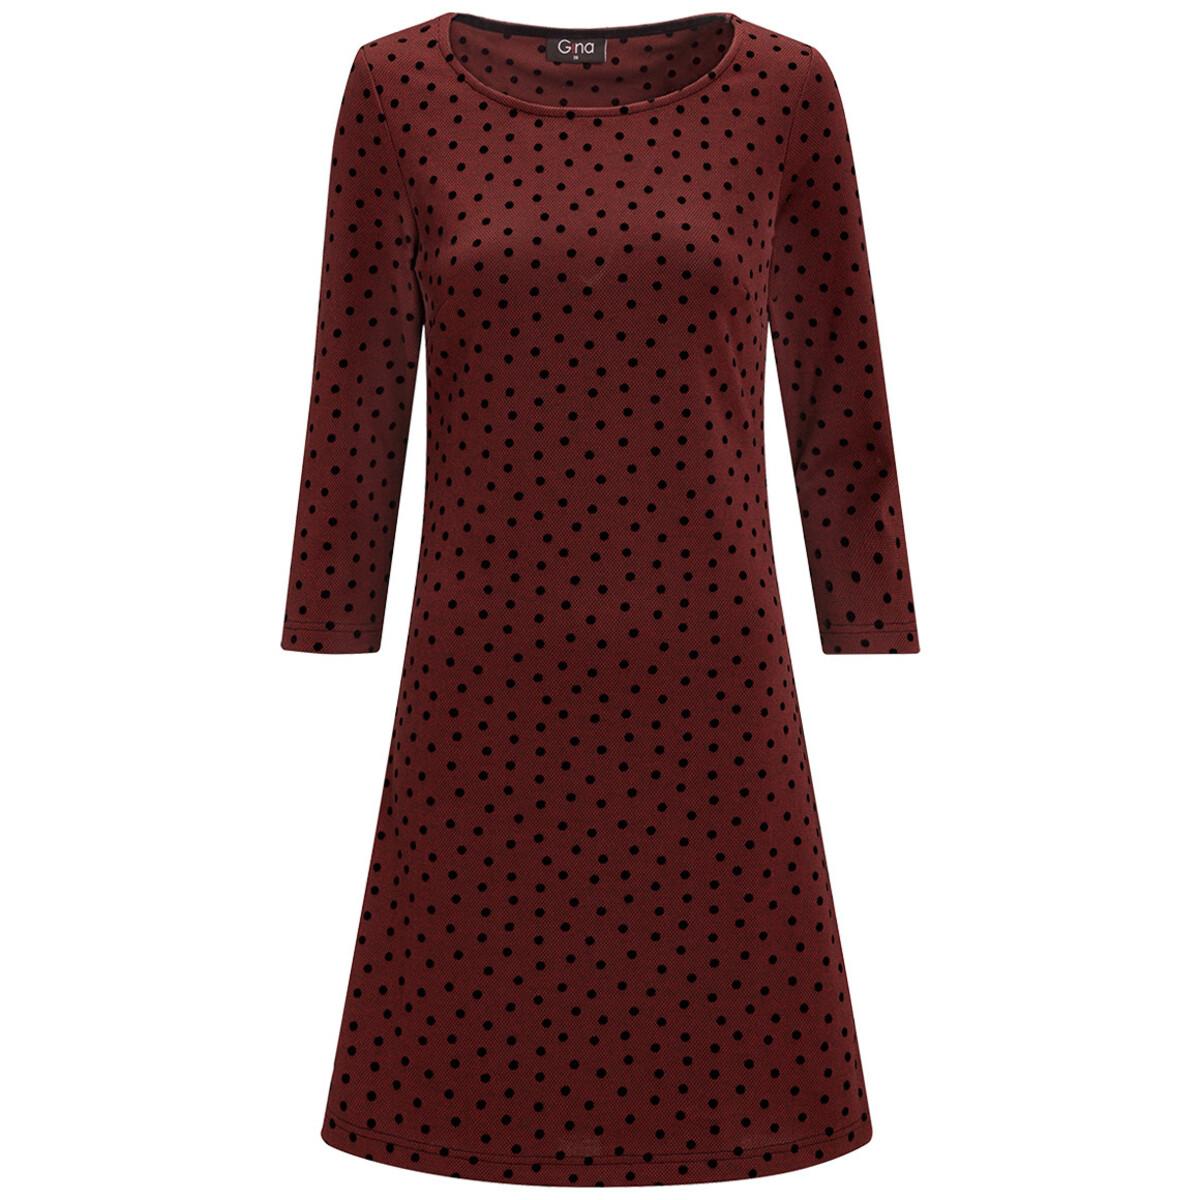 Bild 1 von Damen Kleid mit Punkte-Allover